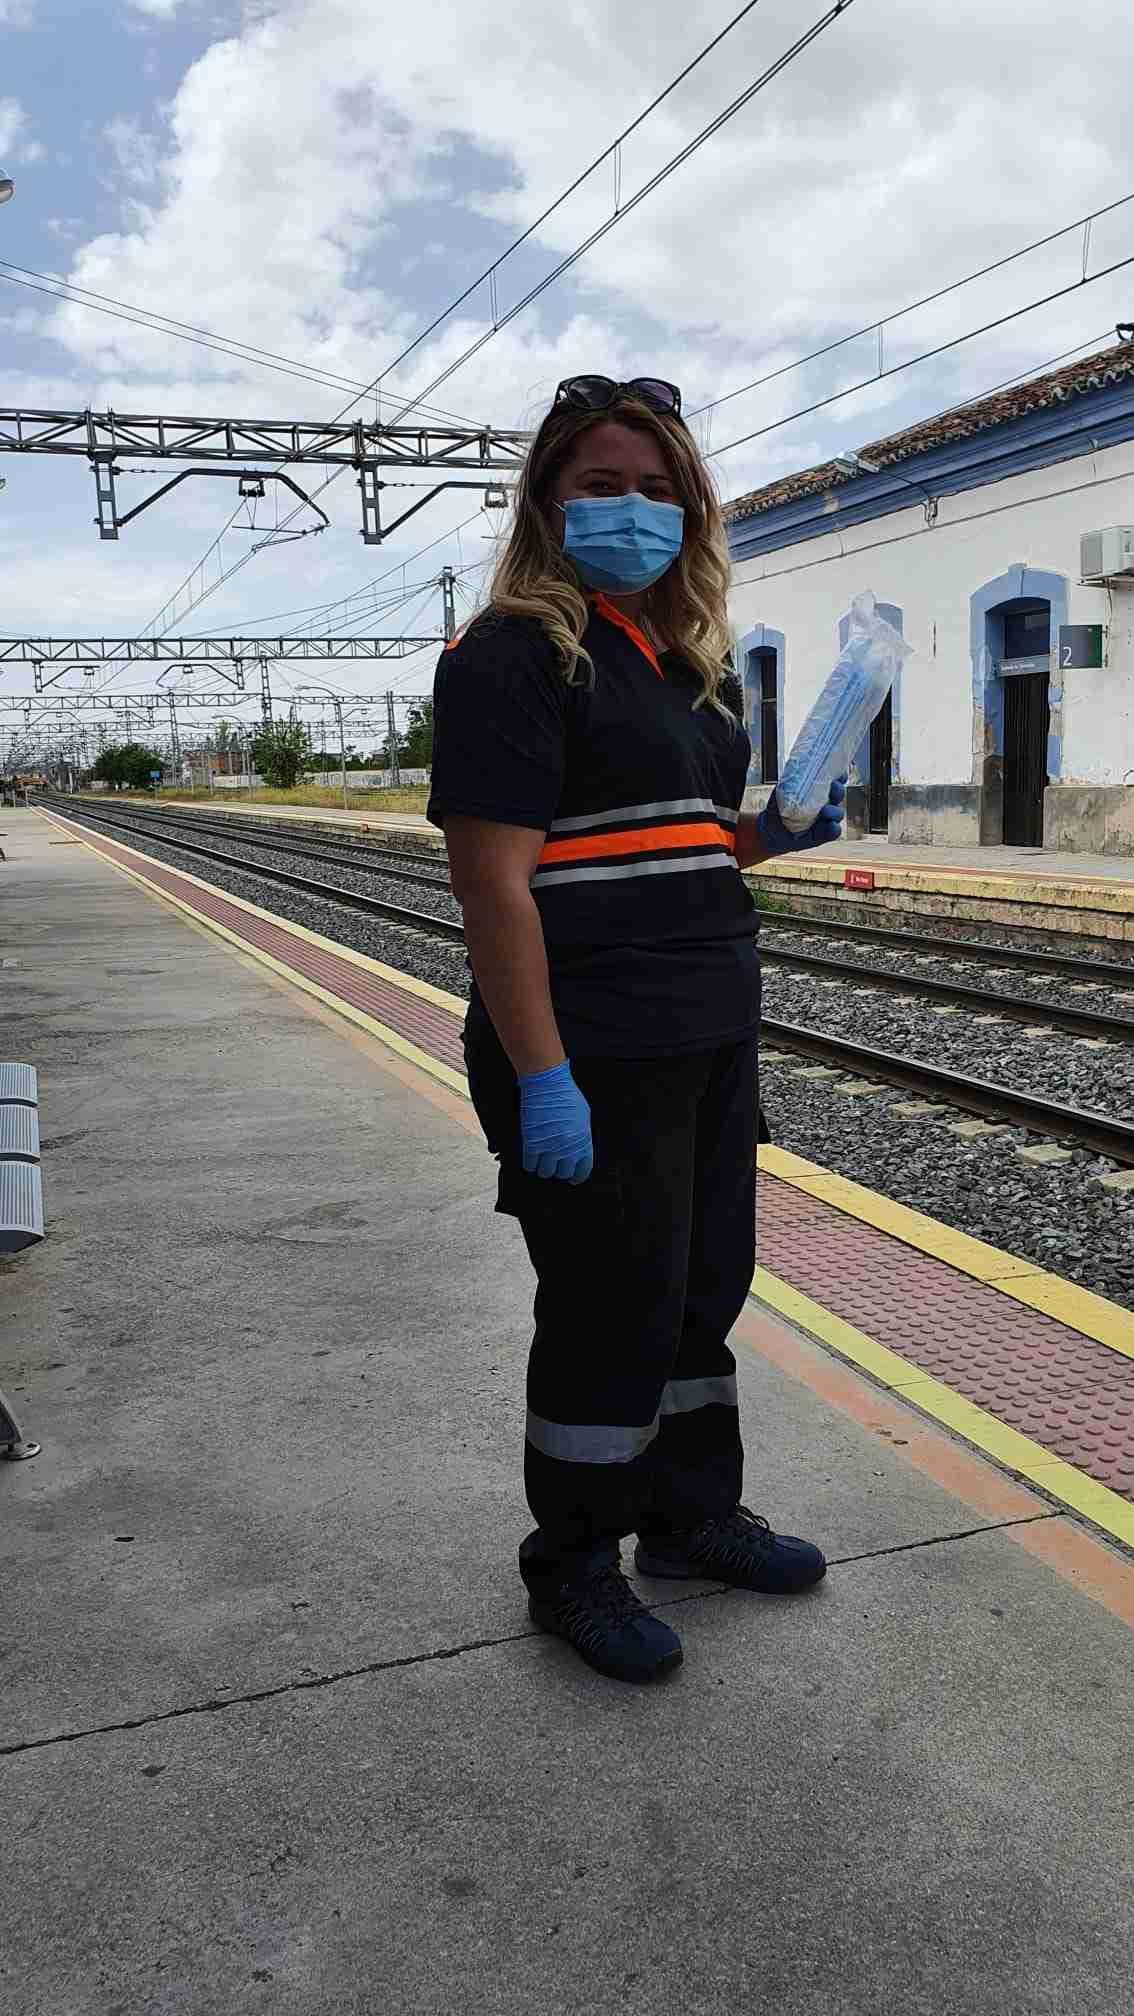 Policía Local y Protección Civil reparten mascarillas en transporte de la provincia de Ciudad Real 3